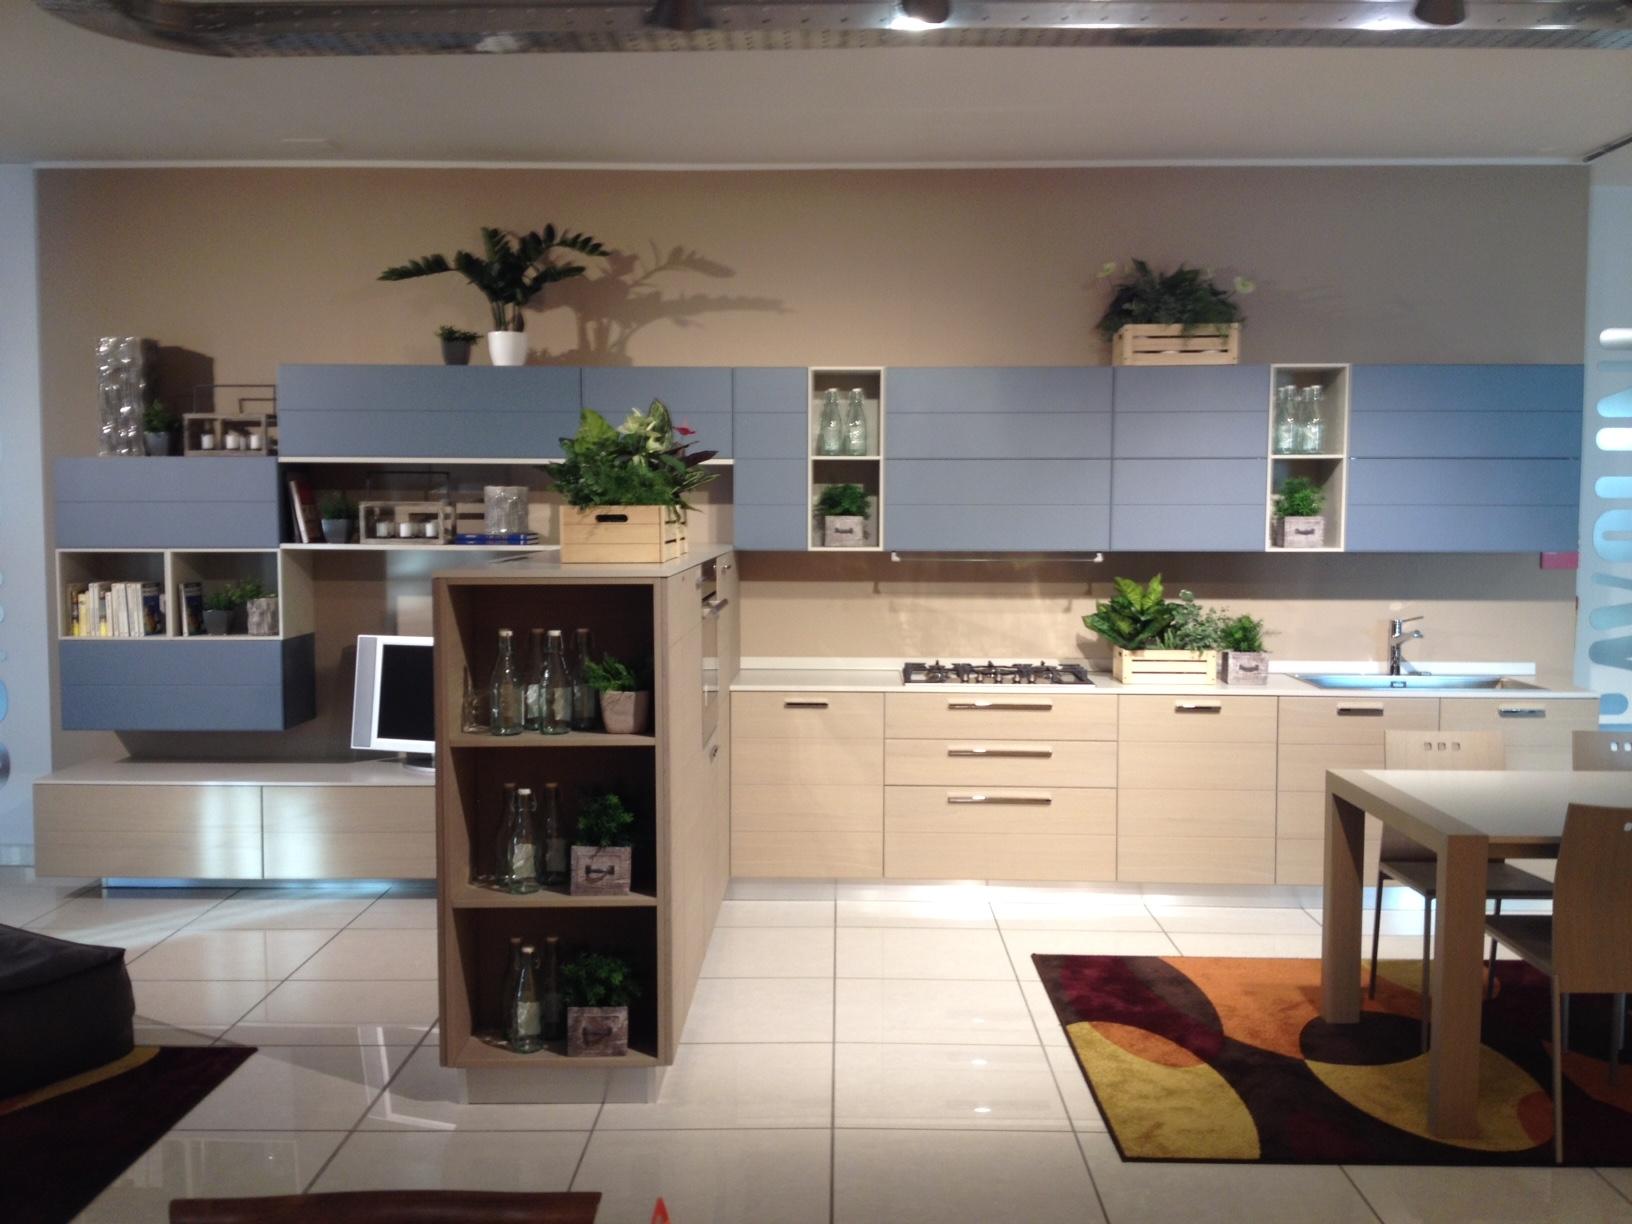 Scavolini cucina open dogata legno cucine a prezzi scontati - Cucina nera legno ...